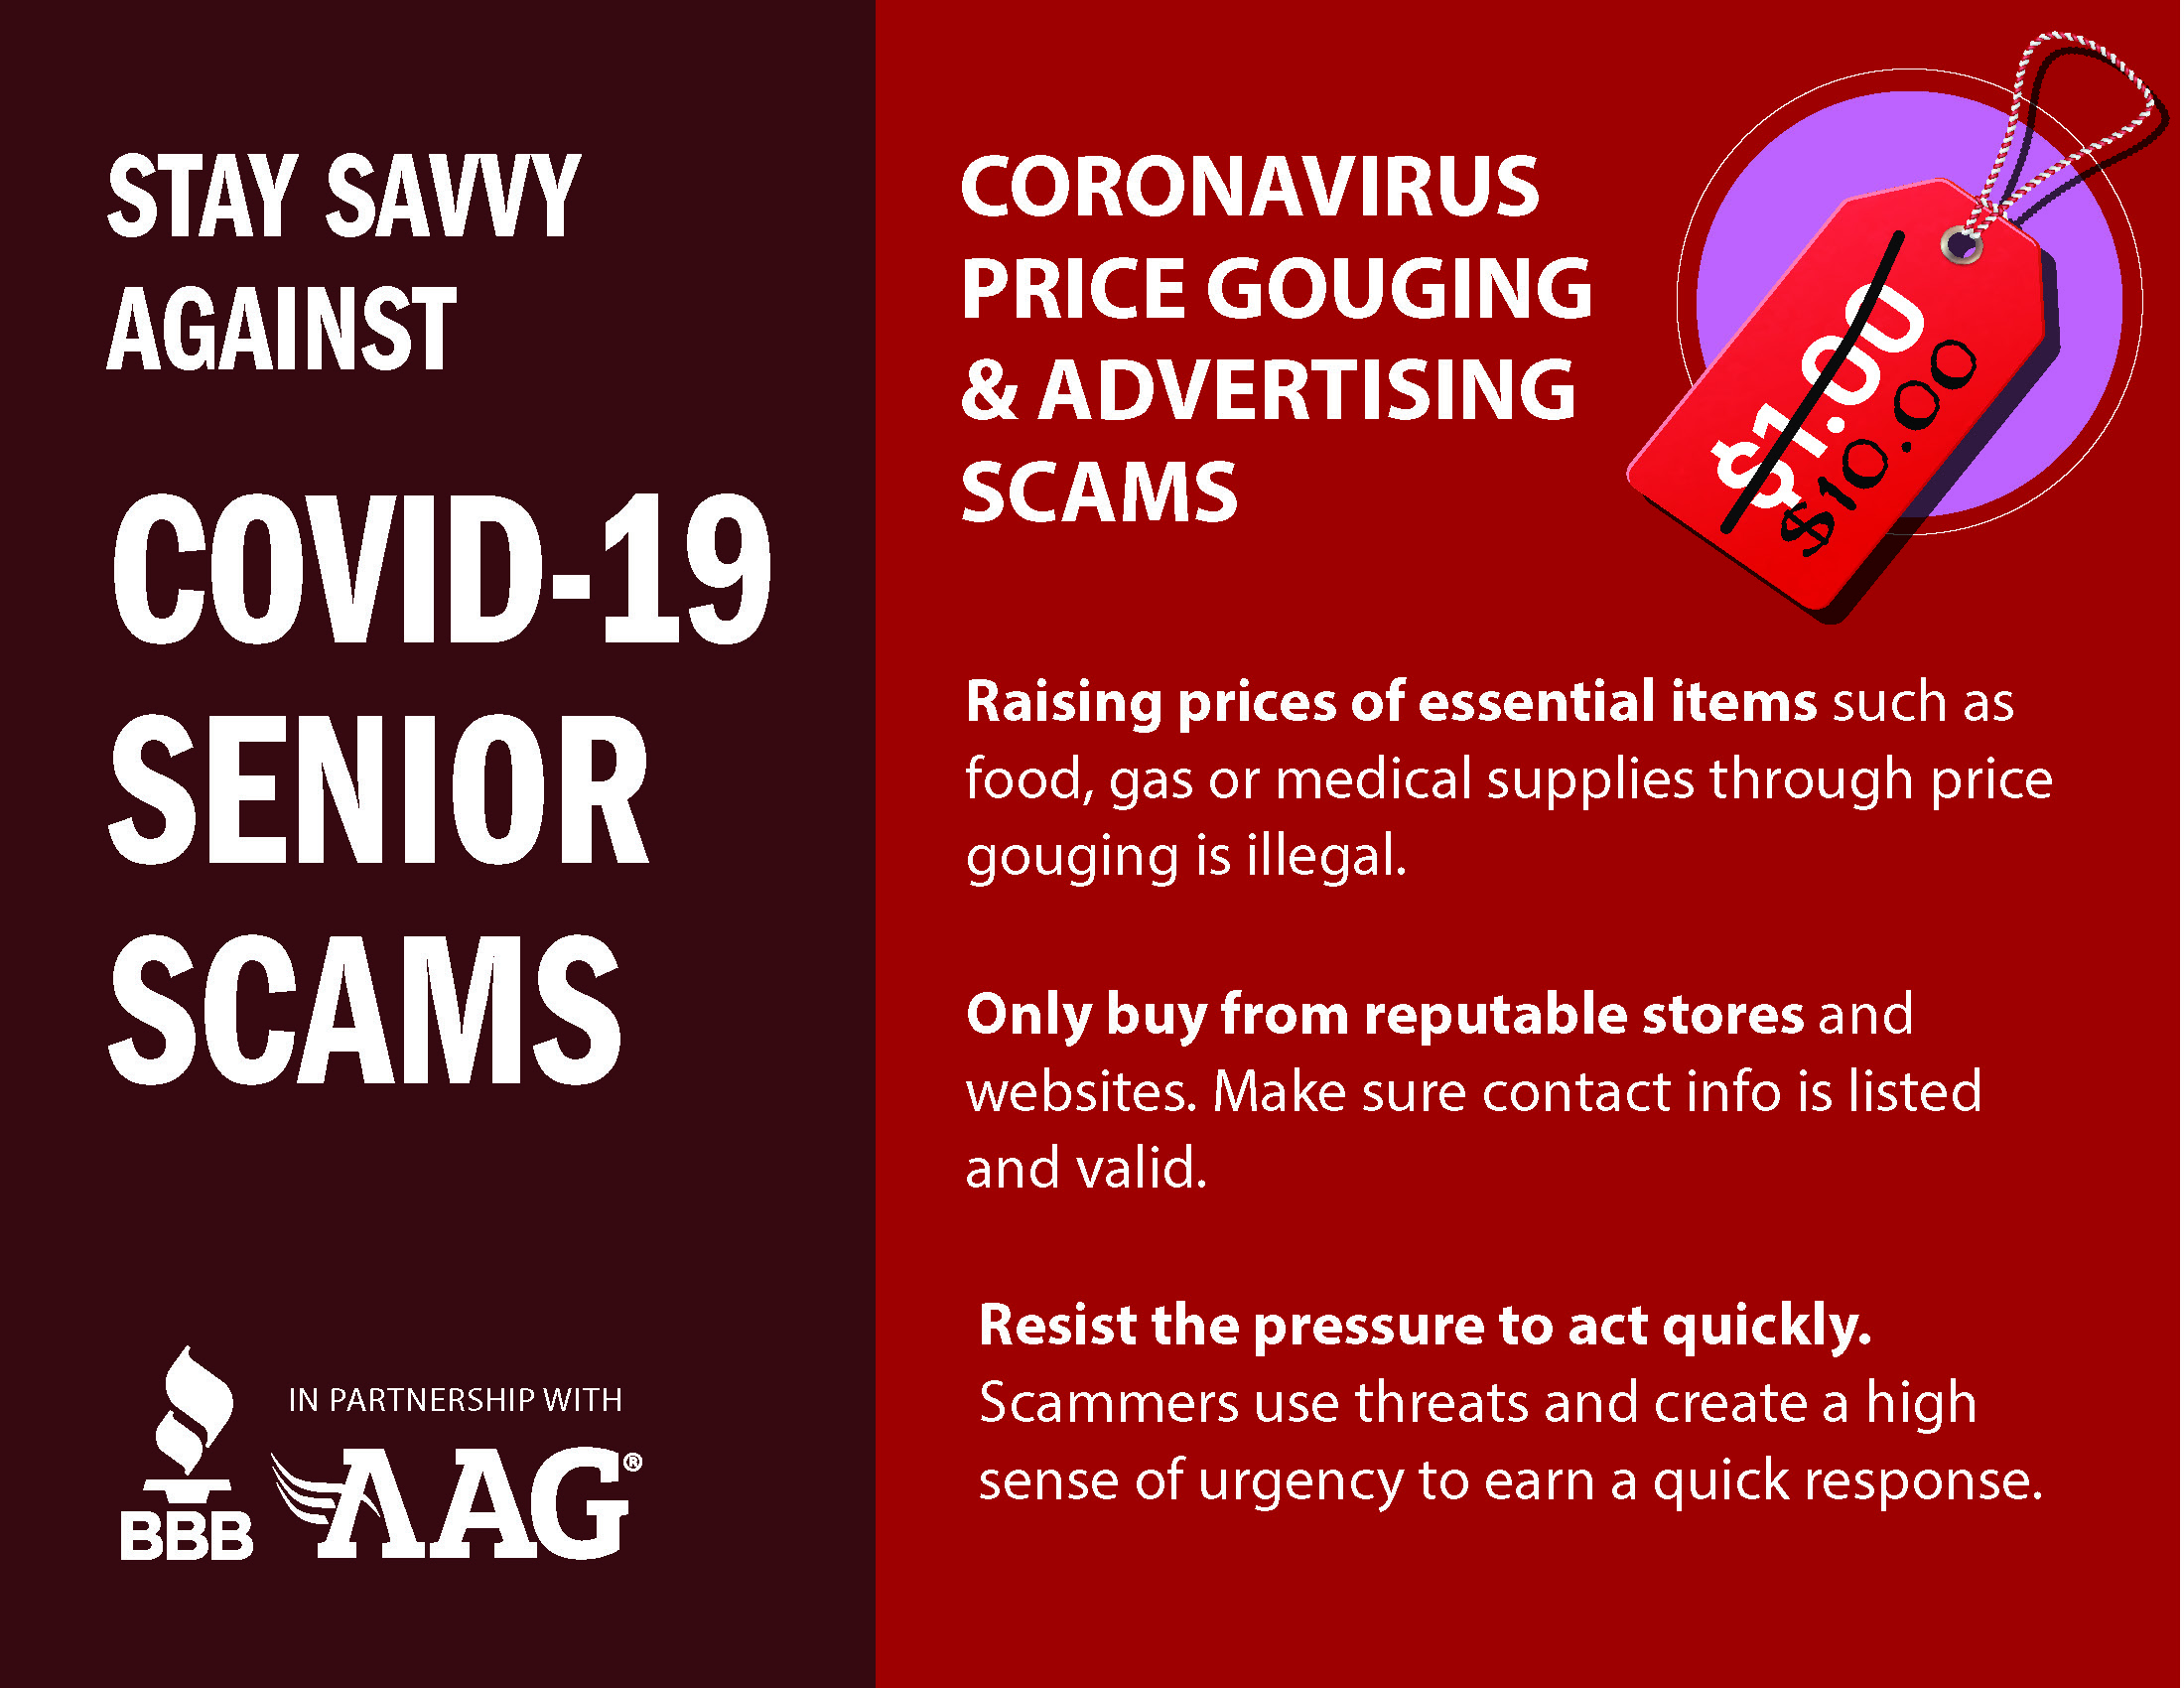 Coronavirus Price Gouging & Advertising Scams